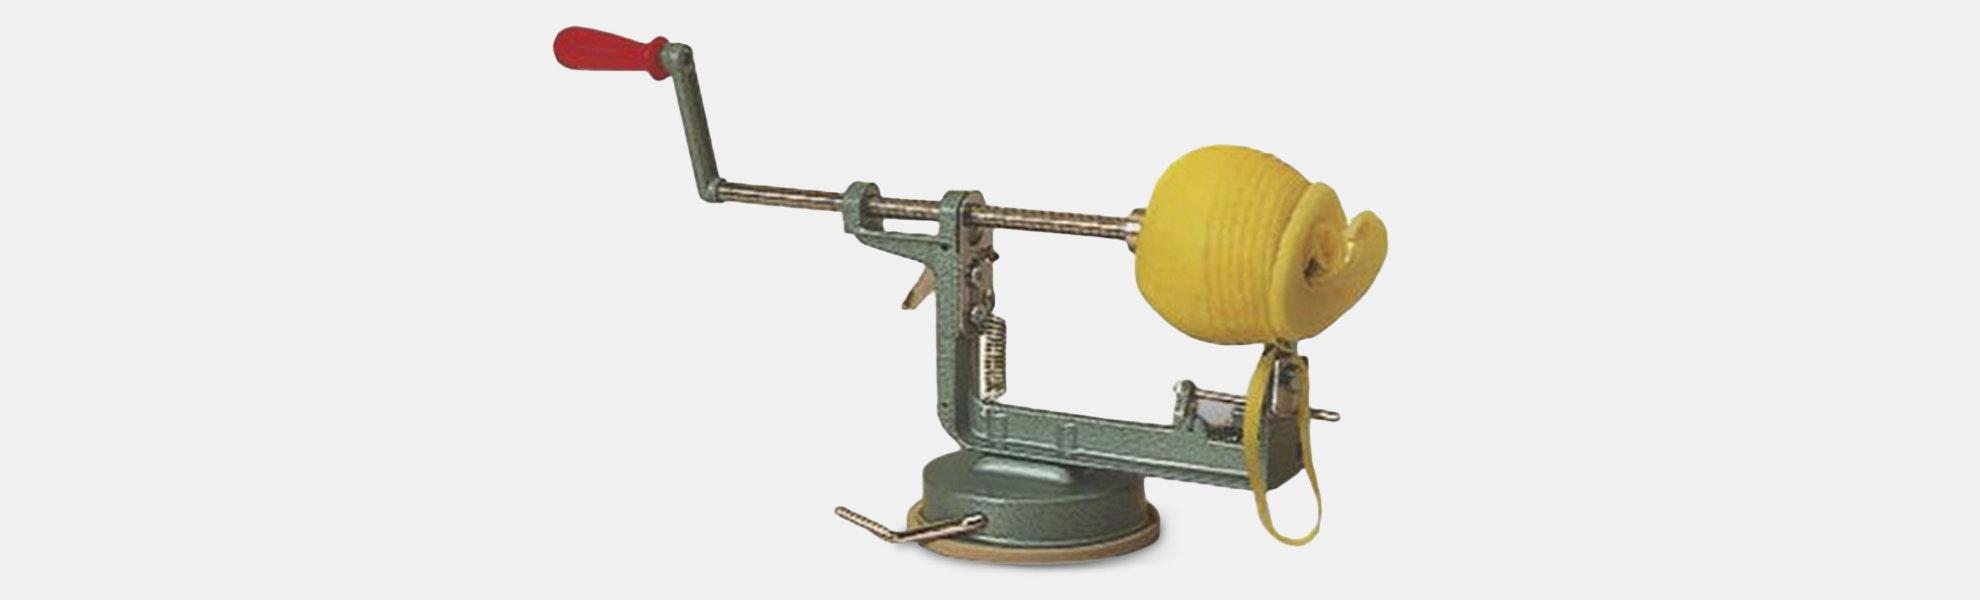 Matfer Apple Peeler/Slicer/Corer